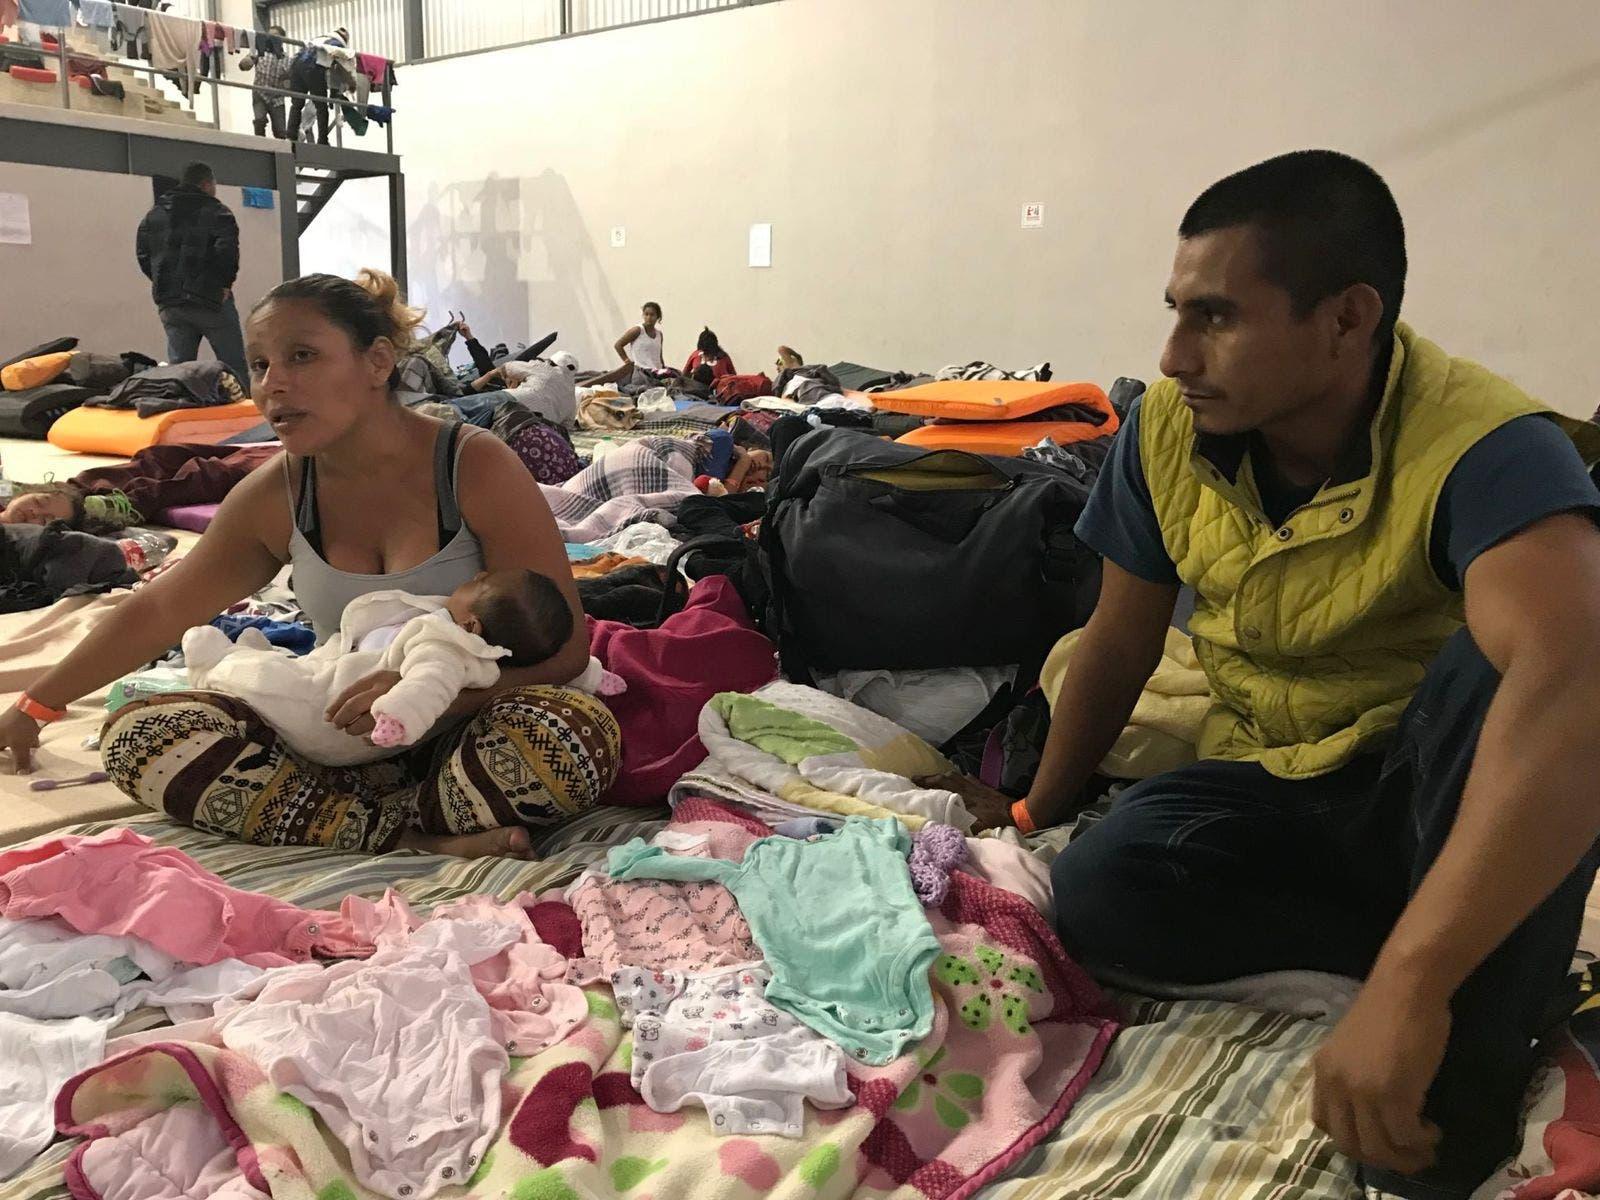 اميركا تحجب الإقامة والجنسية عن المستفيدين من مساعدات حكومية